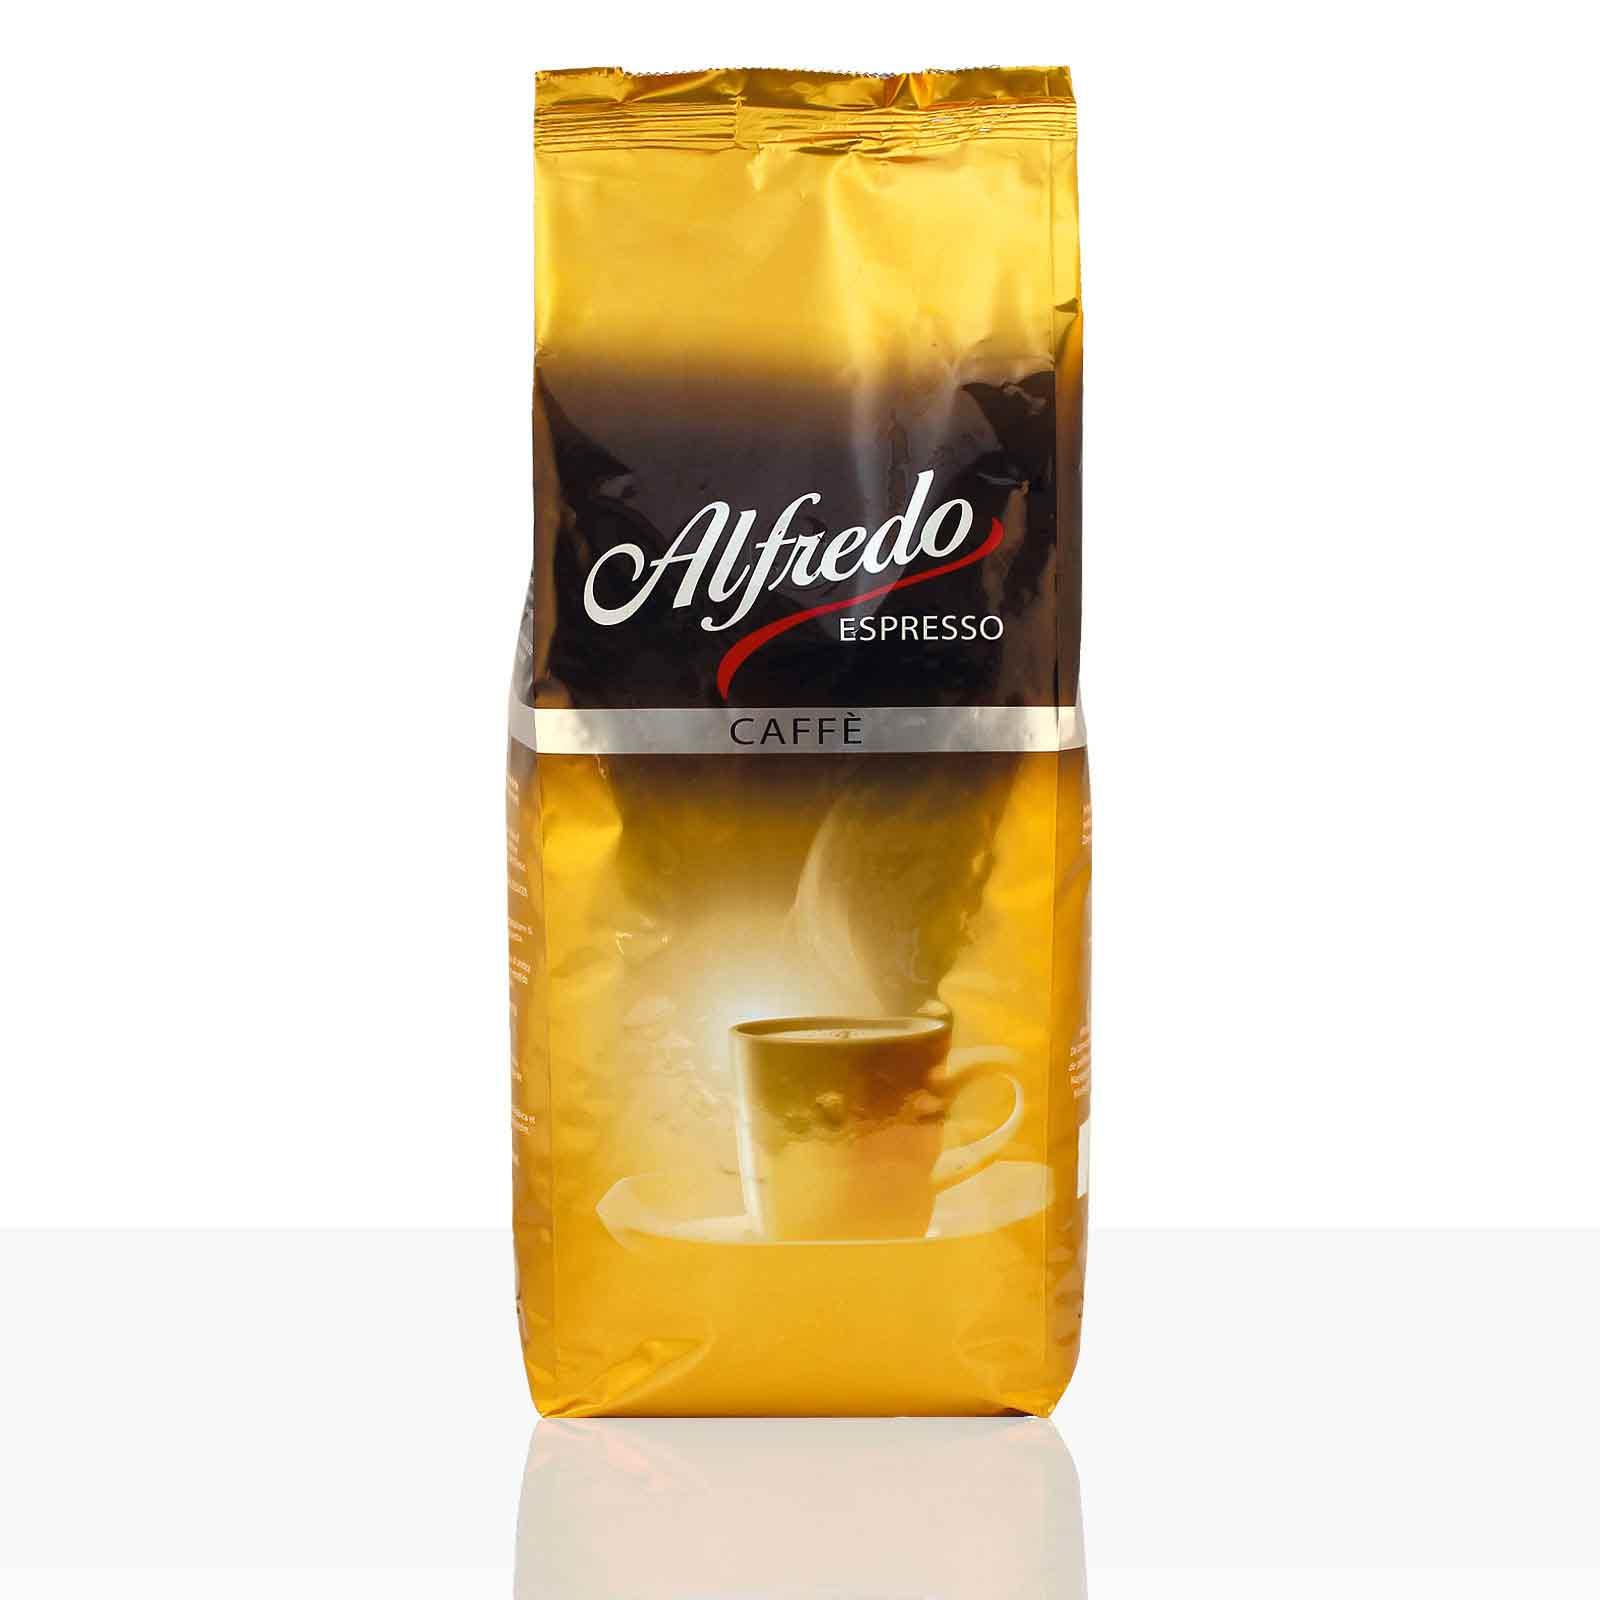 Darboven Alfredo Caffè Creme - 1kg ganze Kaffee-Bohne Cafe